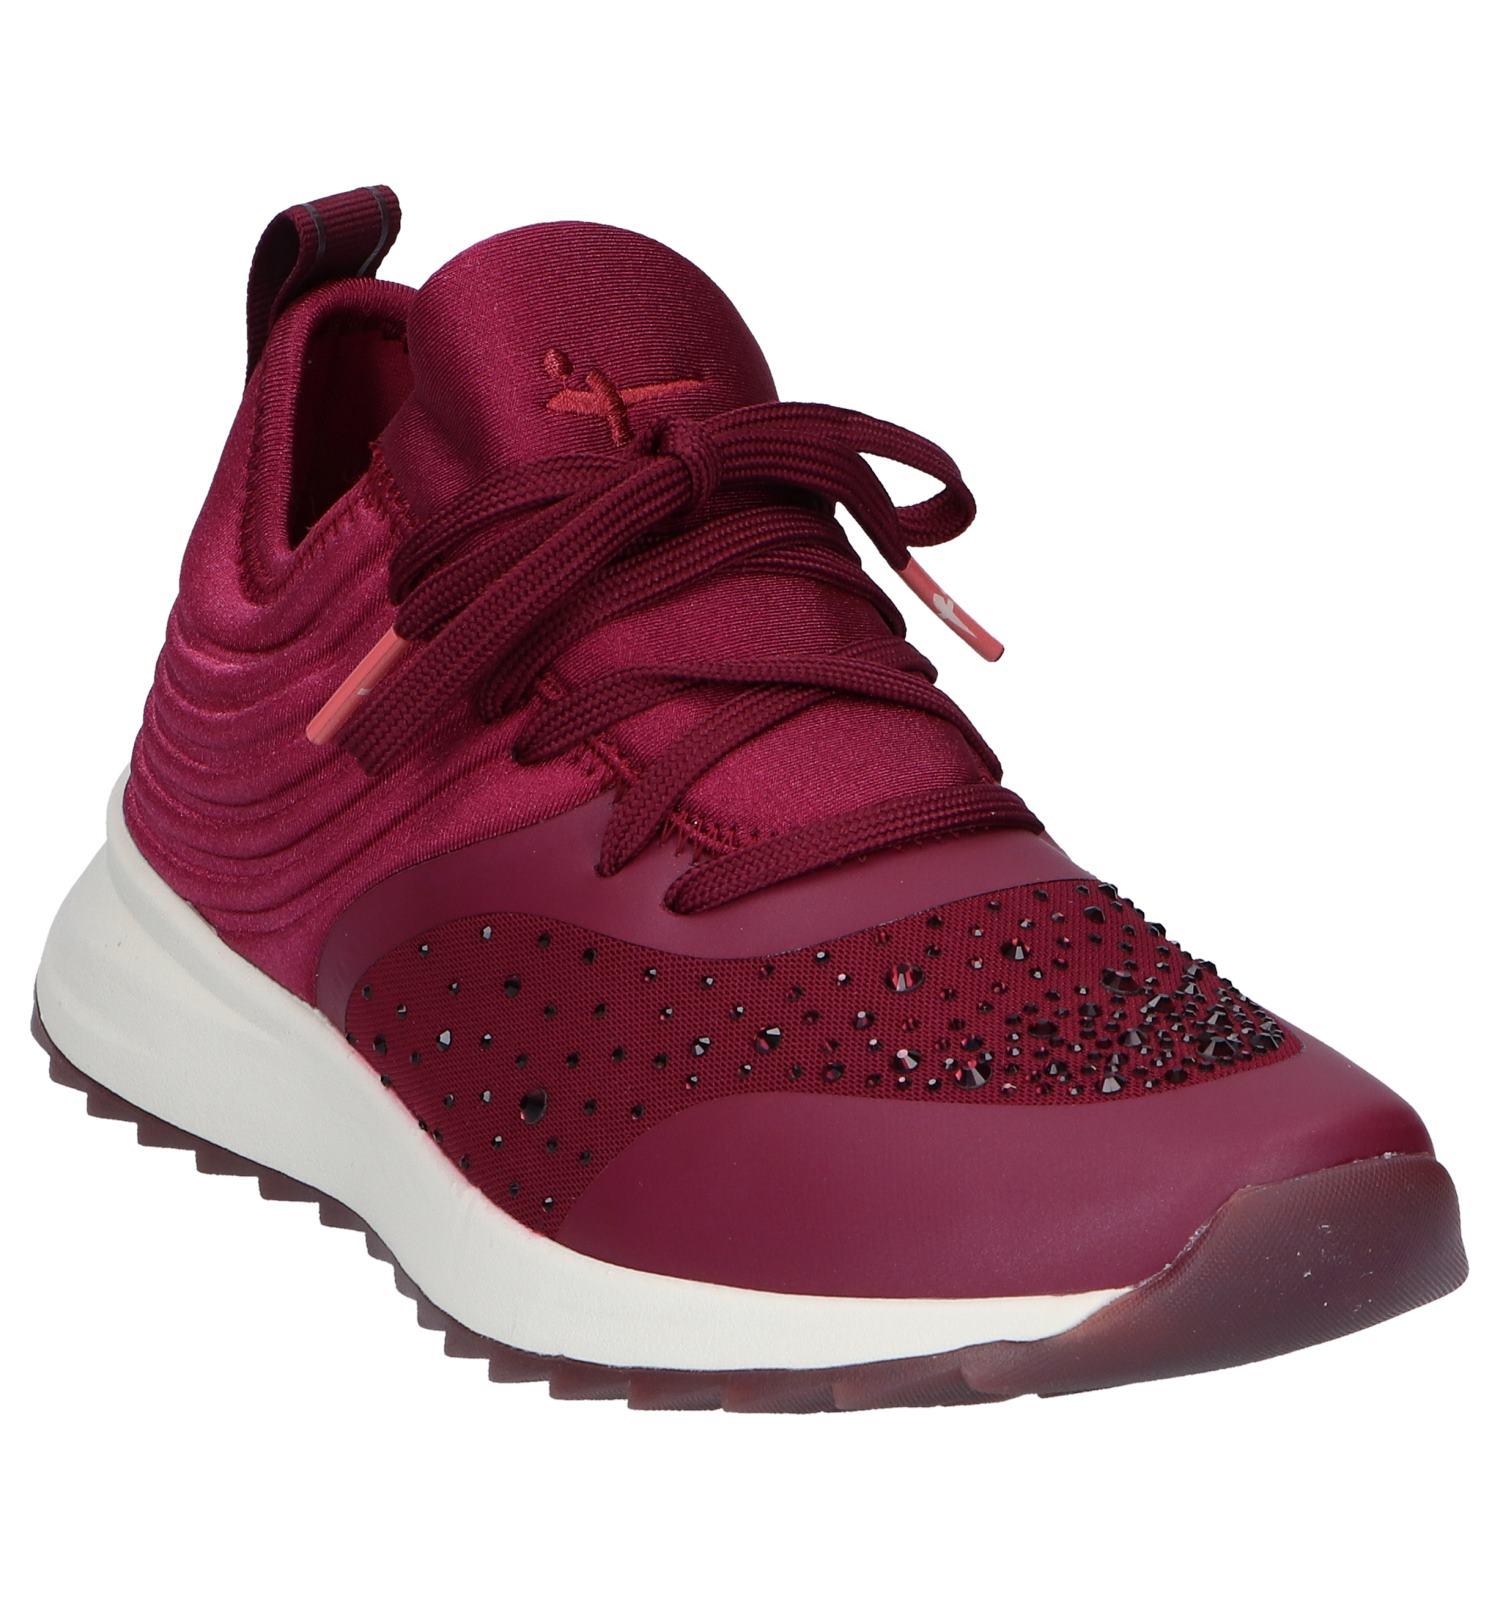 on Fashletics Sneakers Bordeaux Slip Tamaris c34jRLAq5